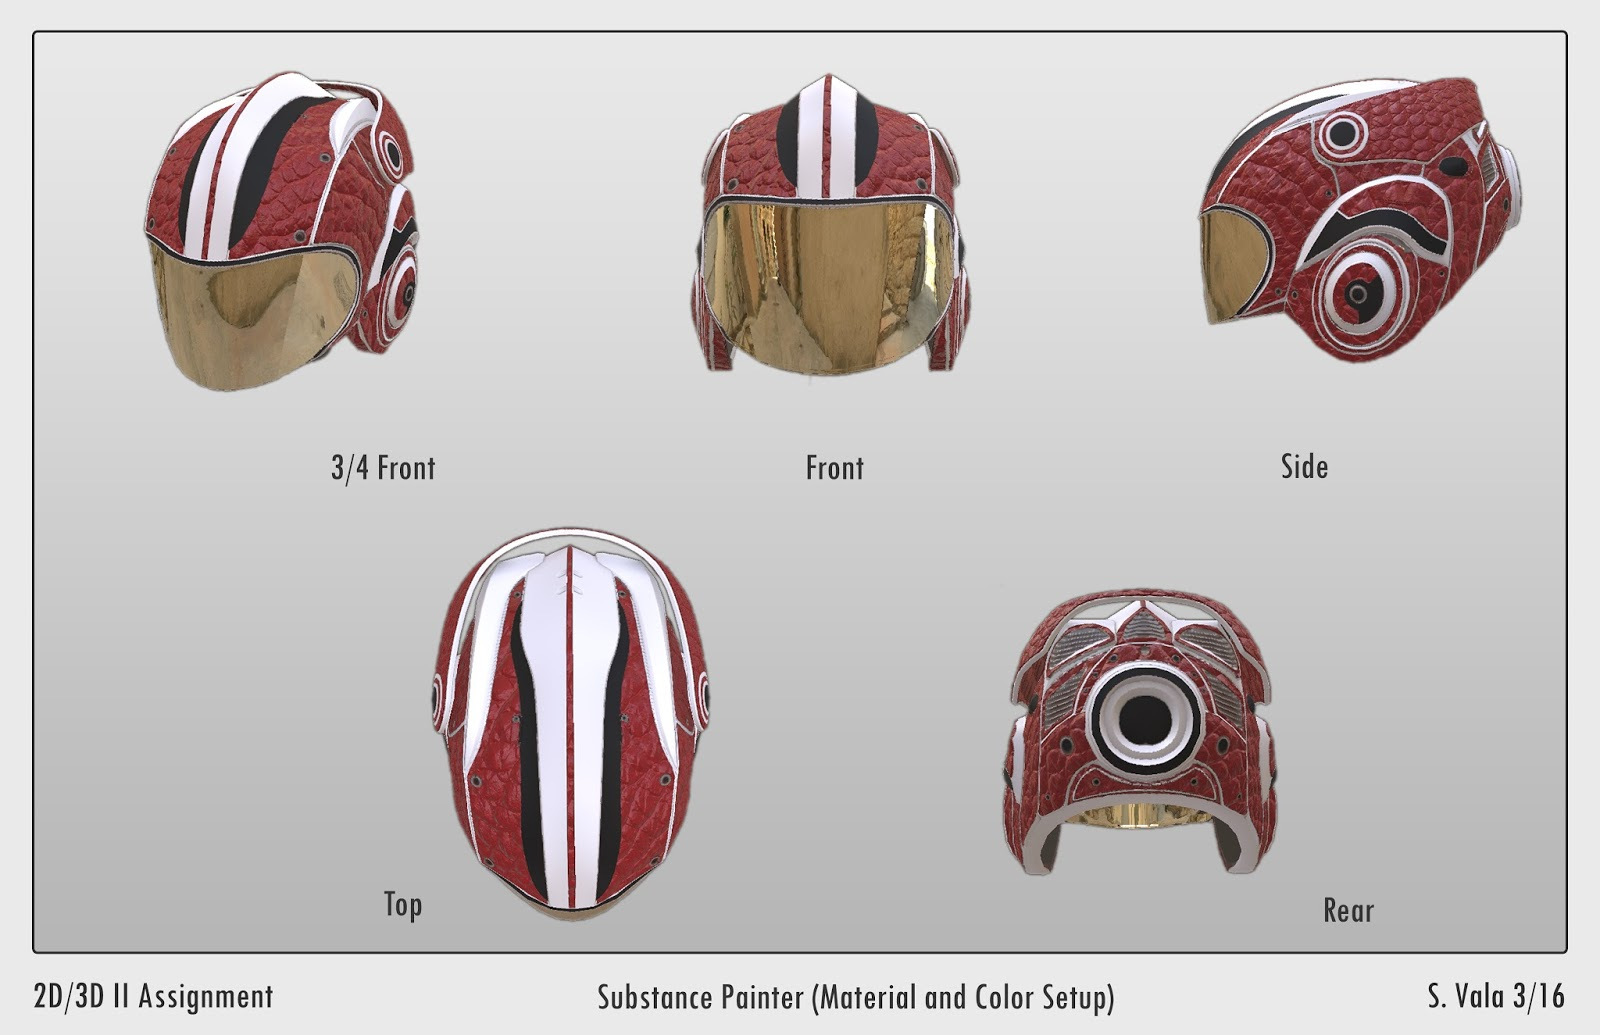 Substance Painter (Class: 2D/3D II) - Florida Interactive